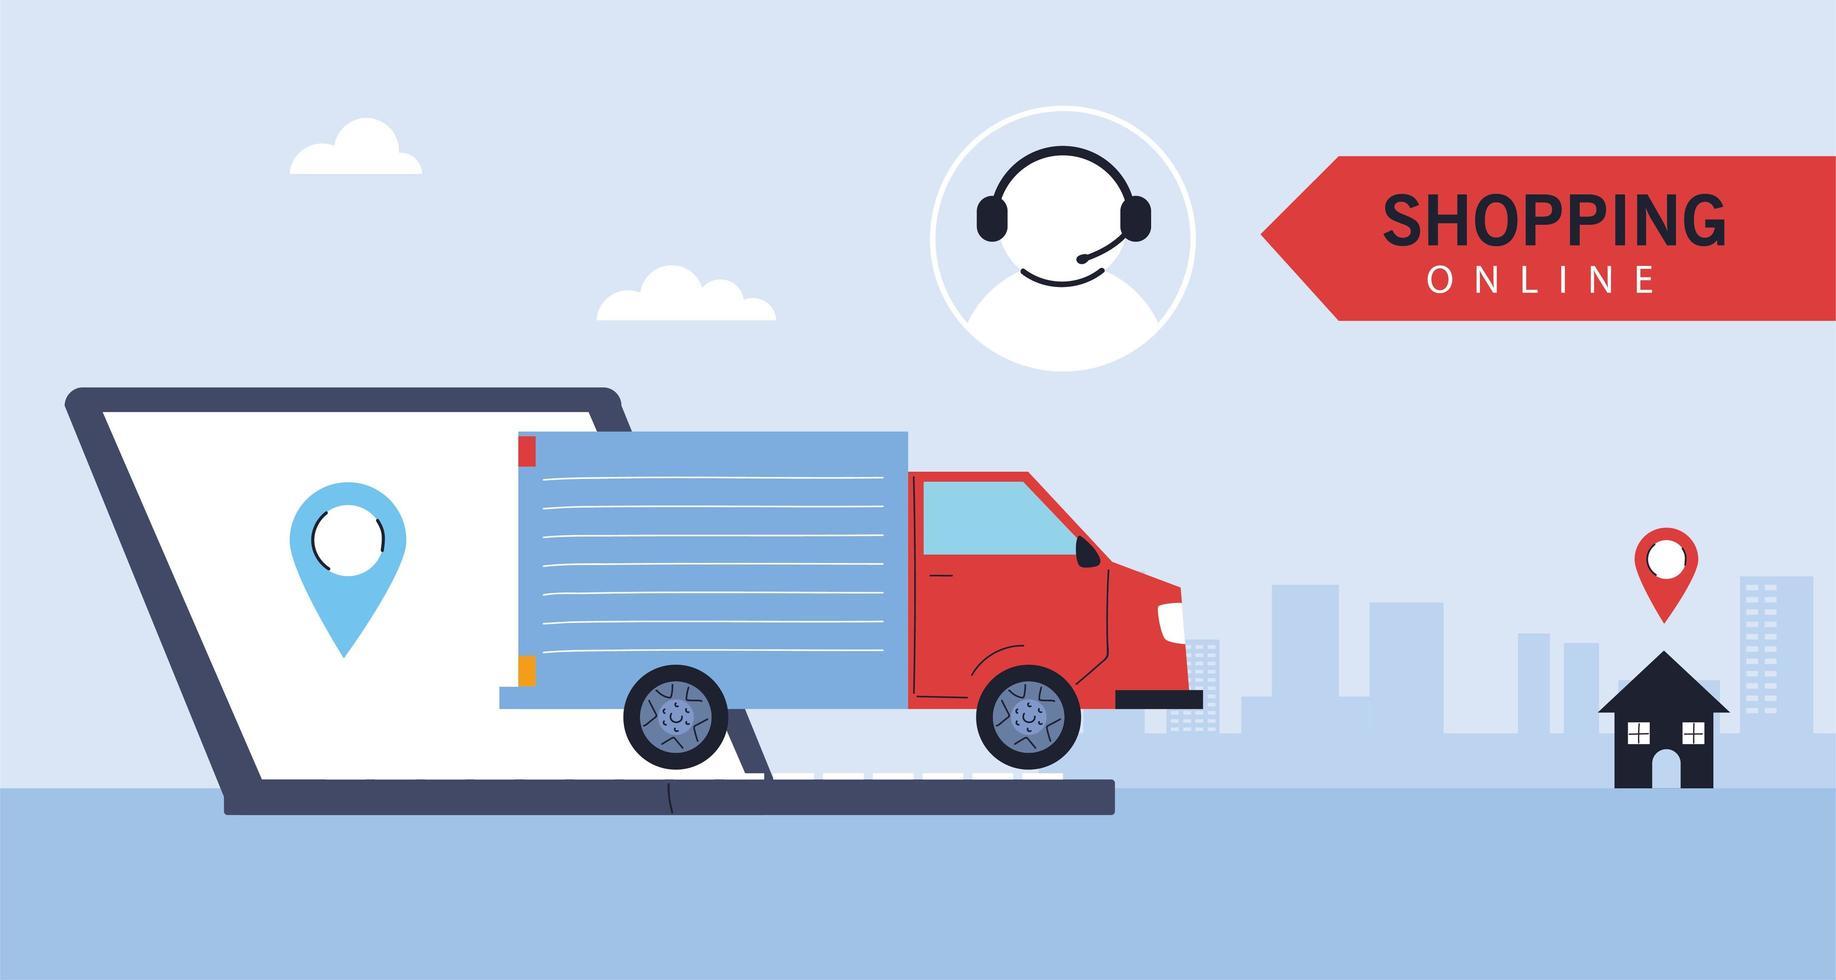 bestelwagen vervoert levering aan mensen, online winkelen vector